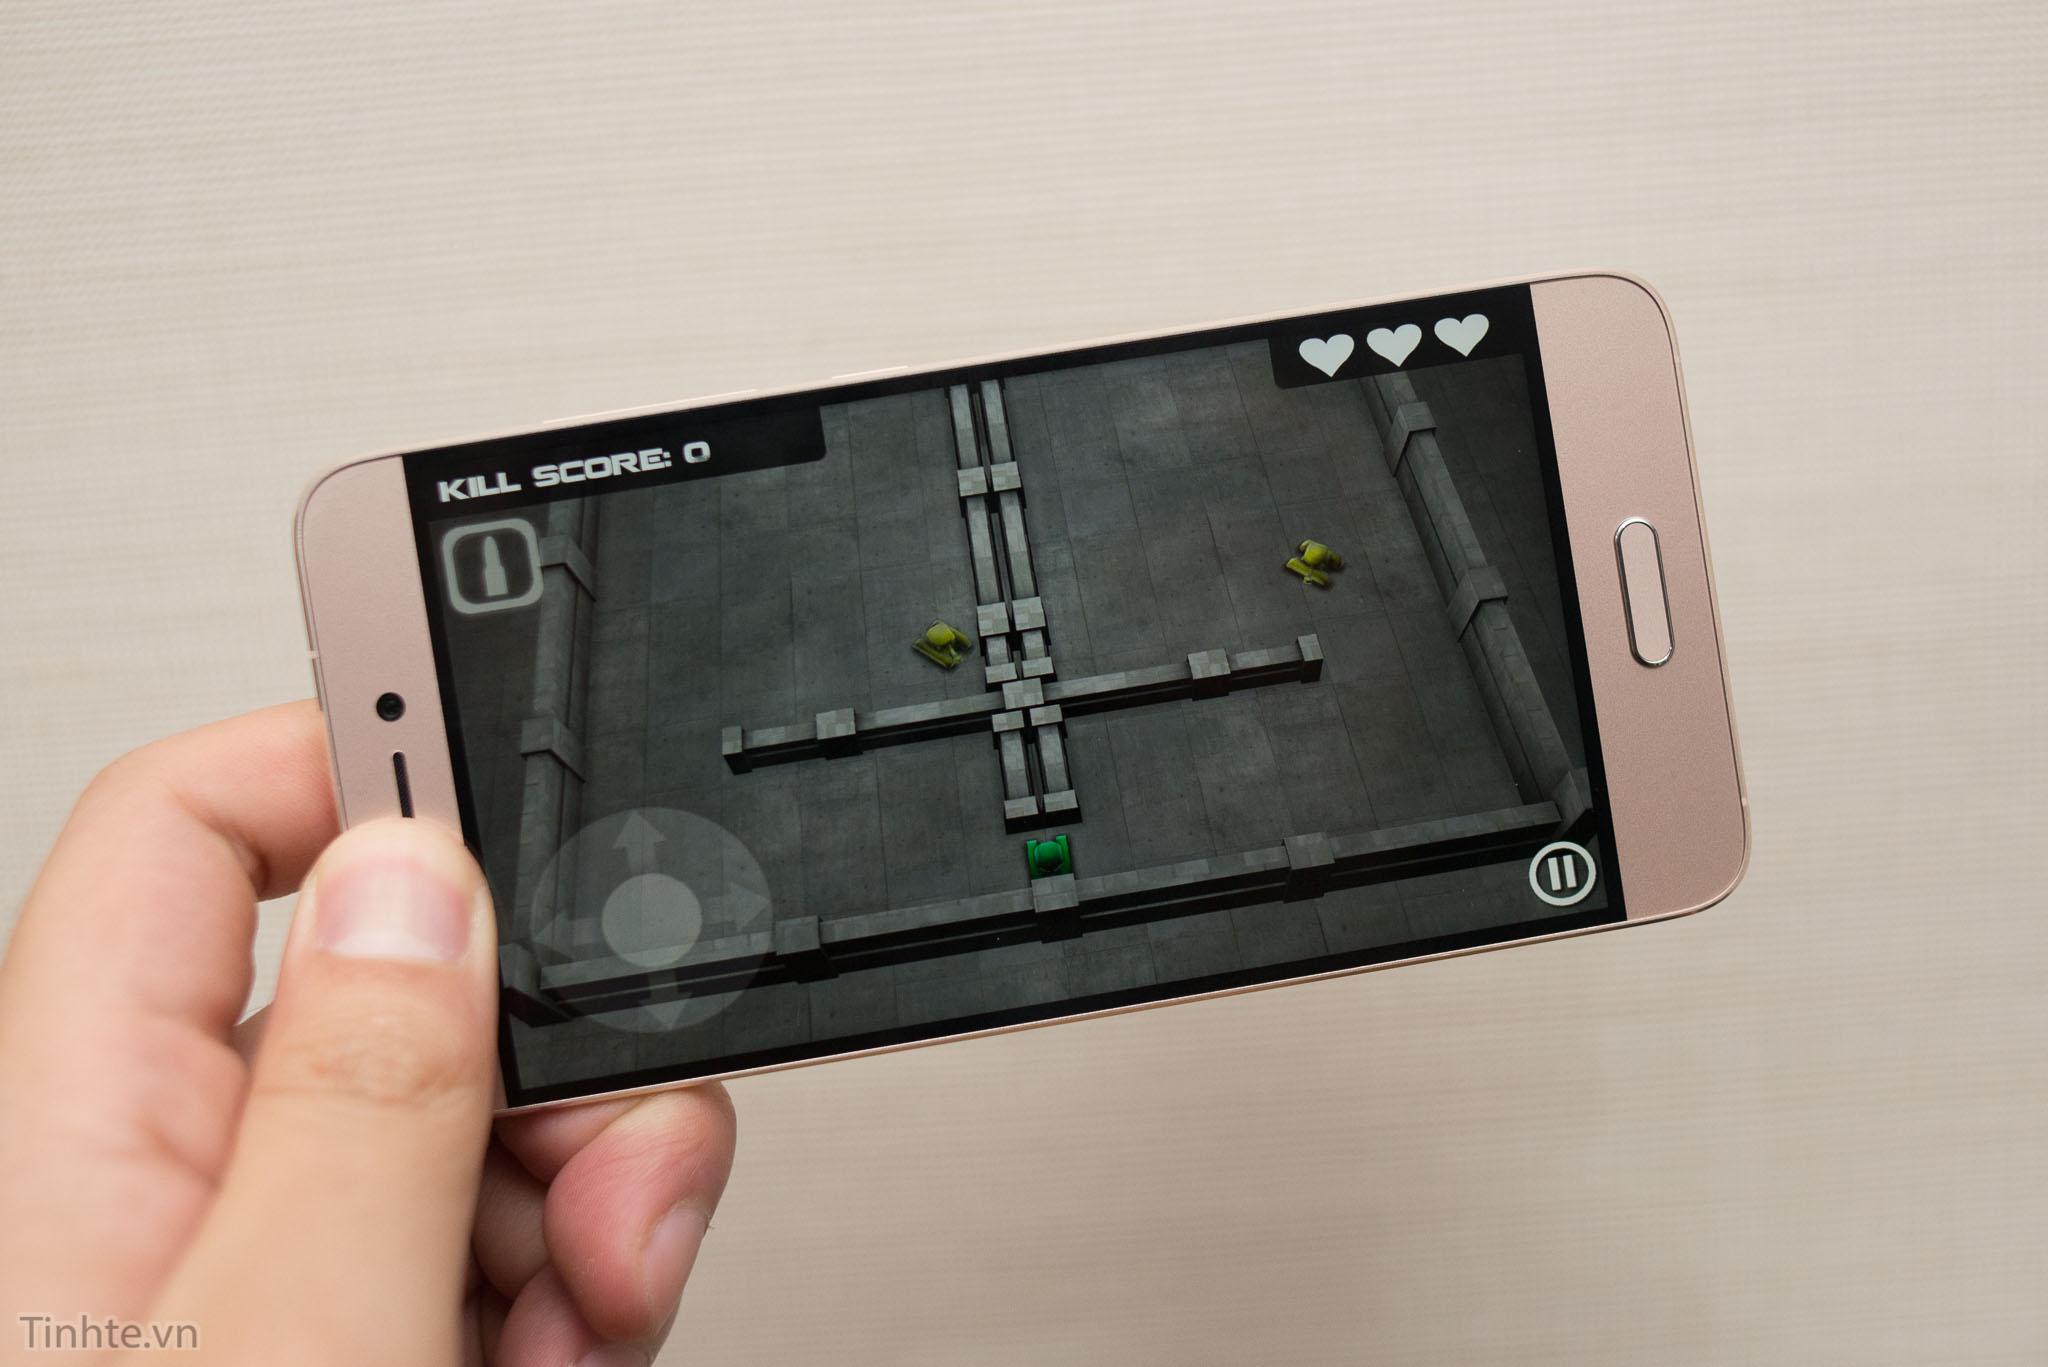 Xiaomi_Mi5_chinh_hang_tren_tay_tinhte.vn-7.jpg